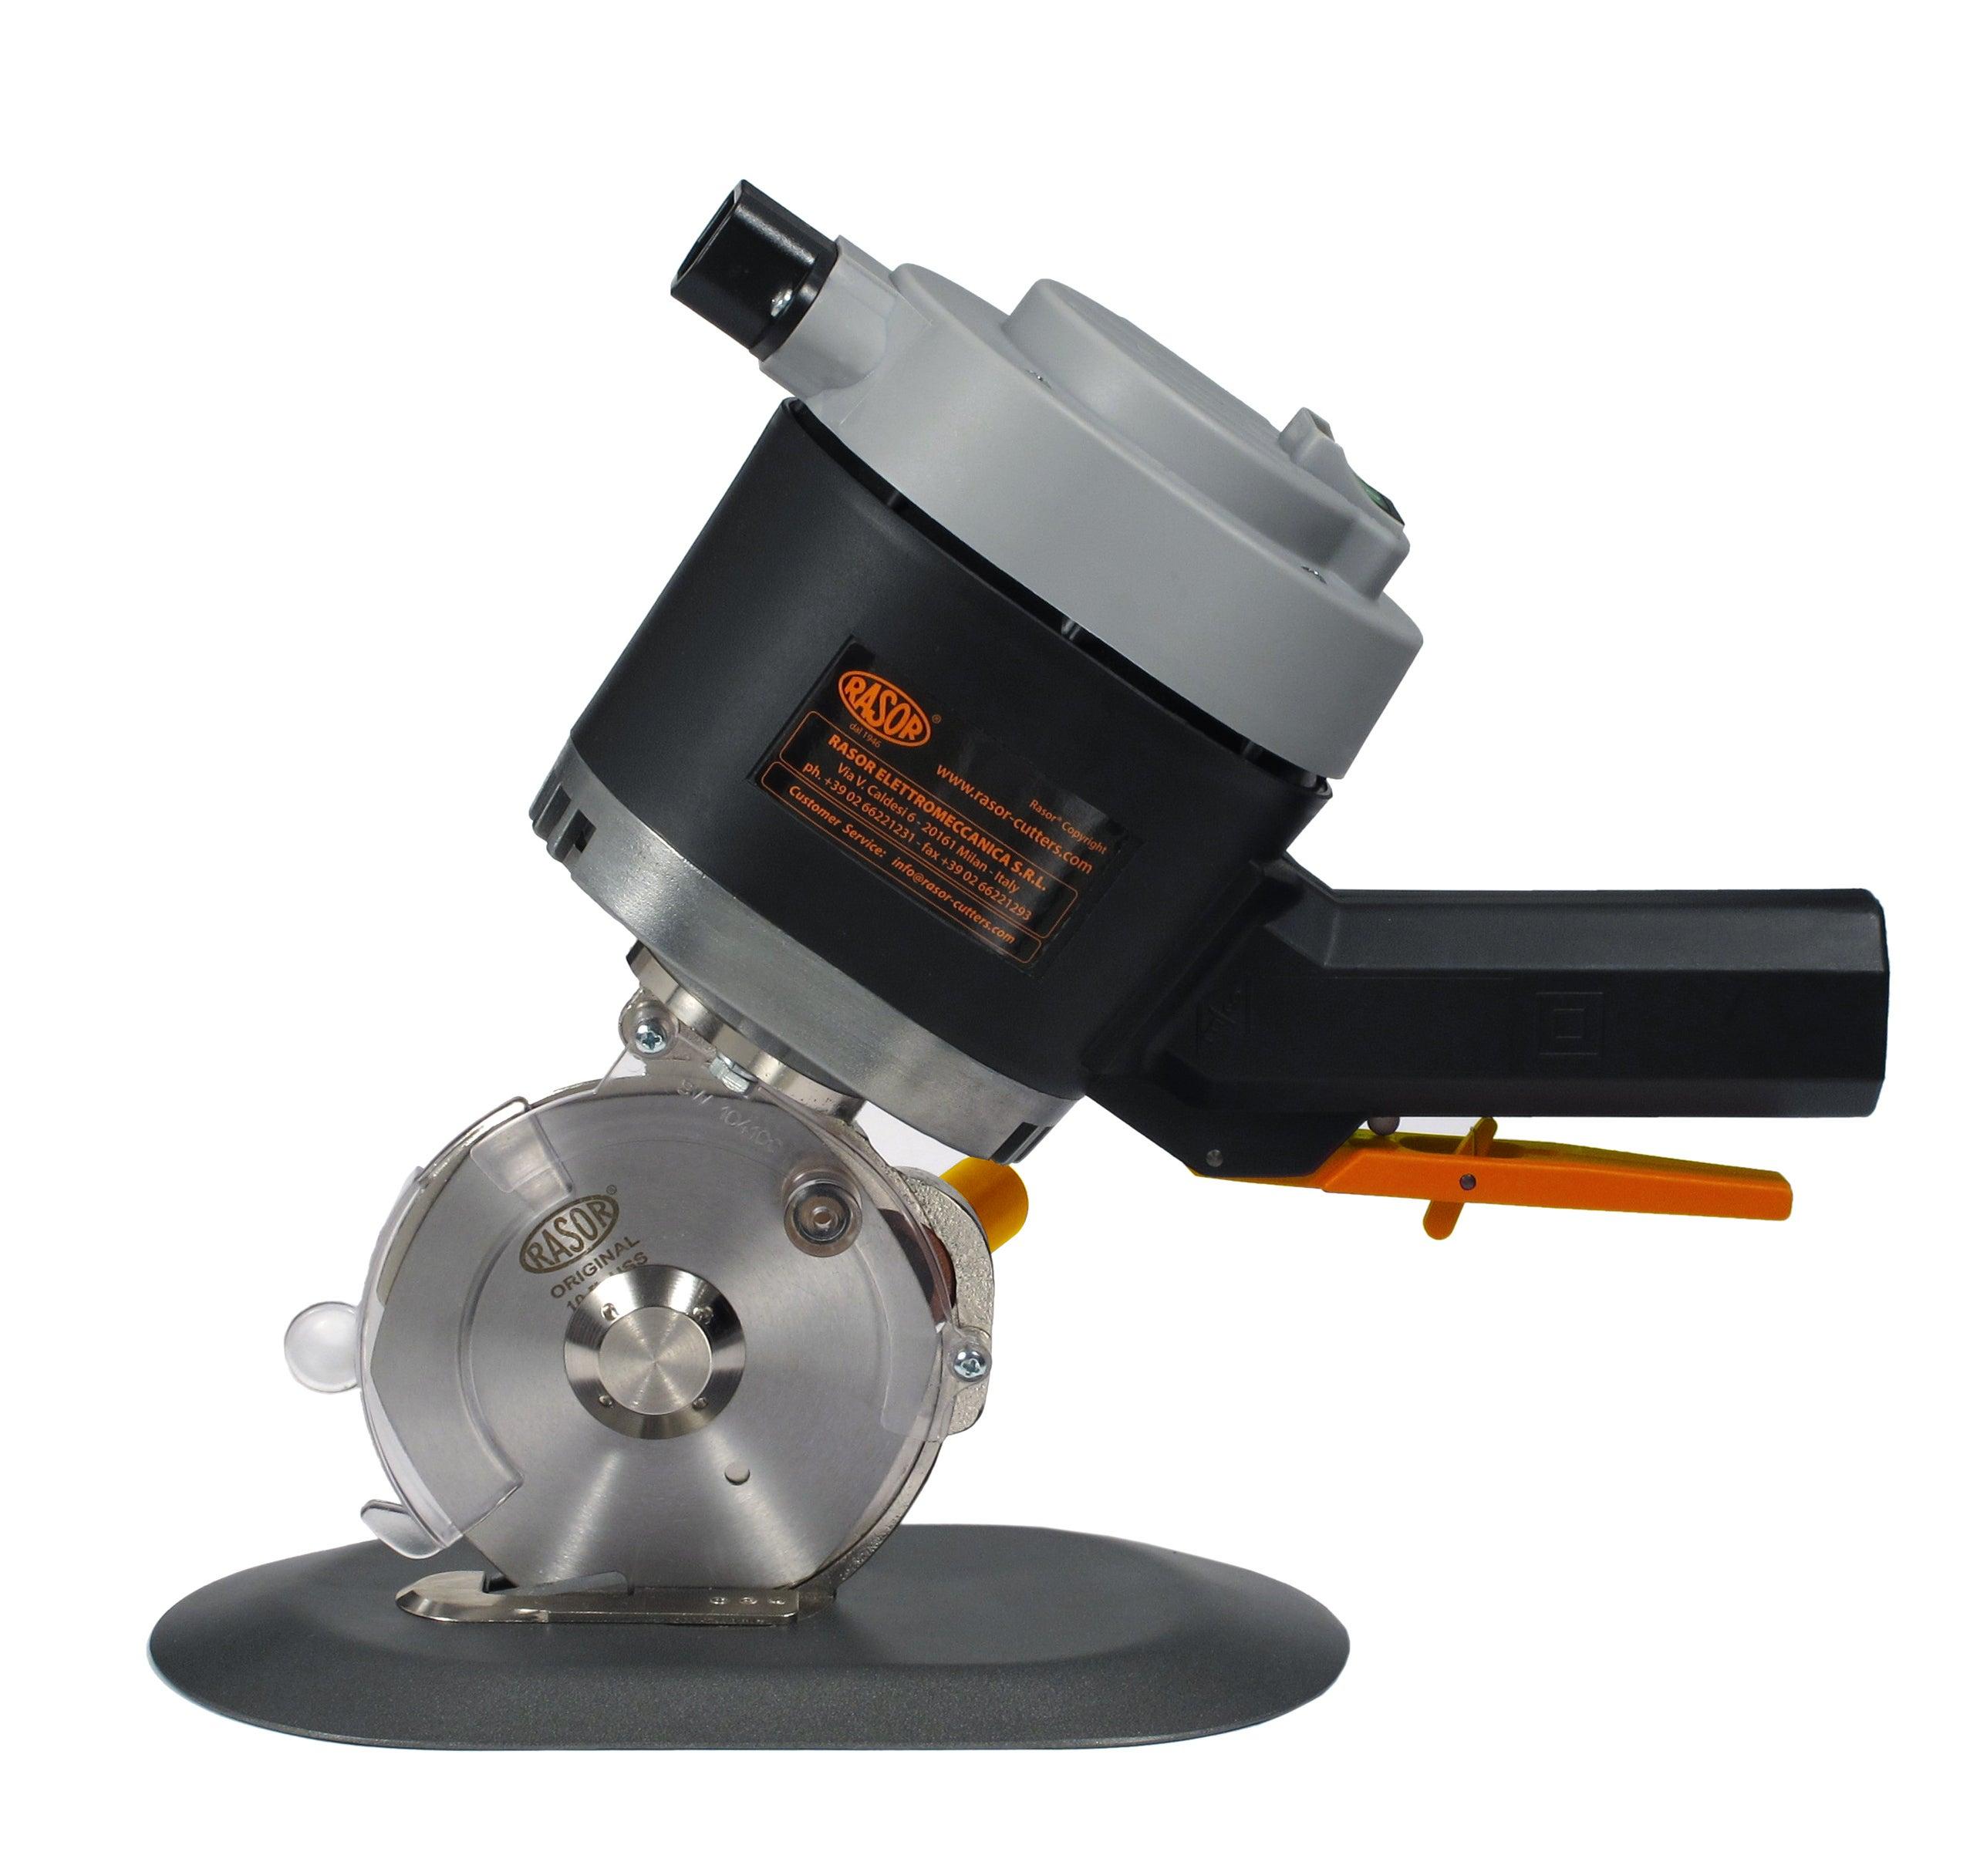 RASOR Elektroschere SW100 Rundmessermaschine